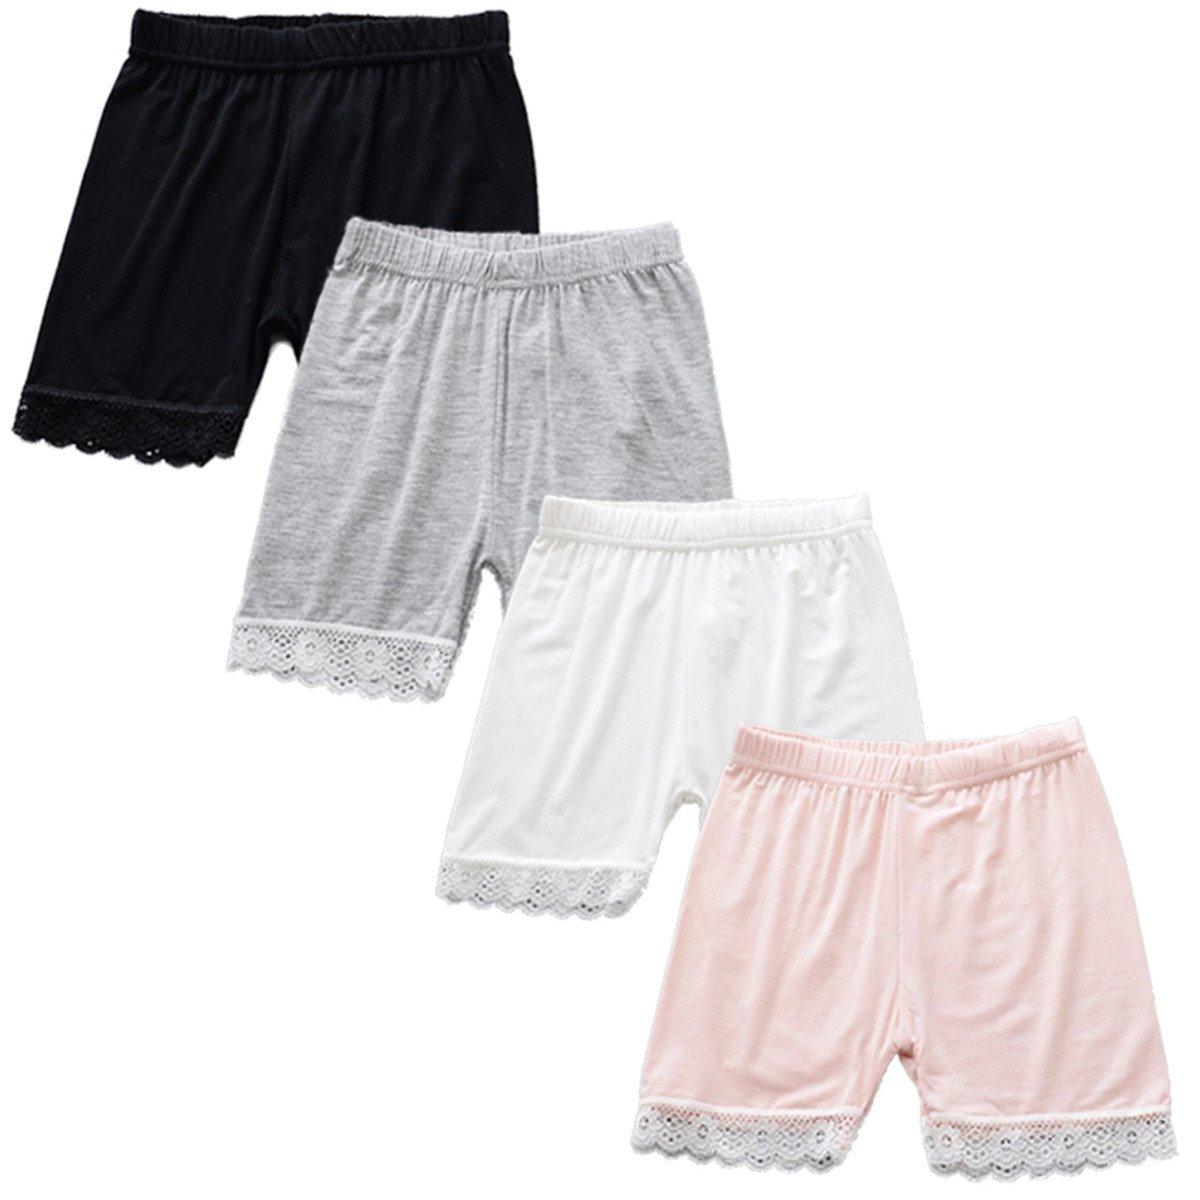 JELEUON 4Pcs Little Girls Kids Lace Trim Slim Elastic Safety Short Panties 7-8Y